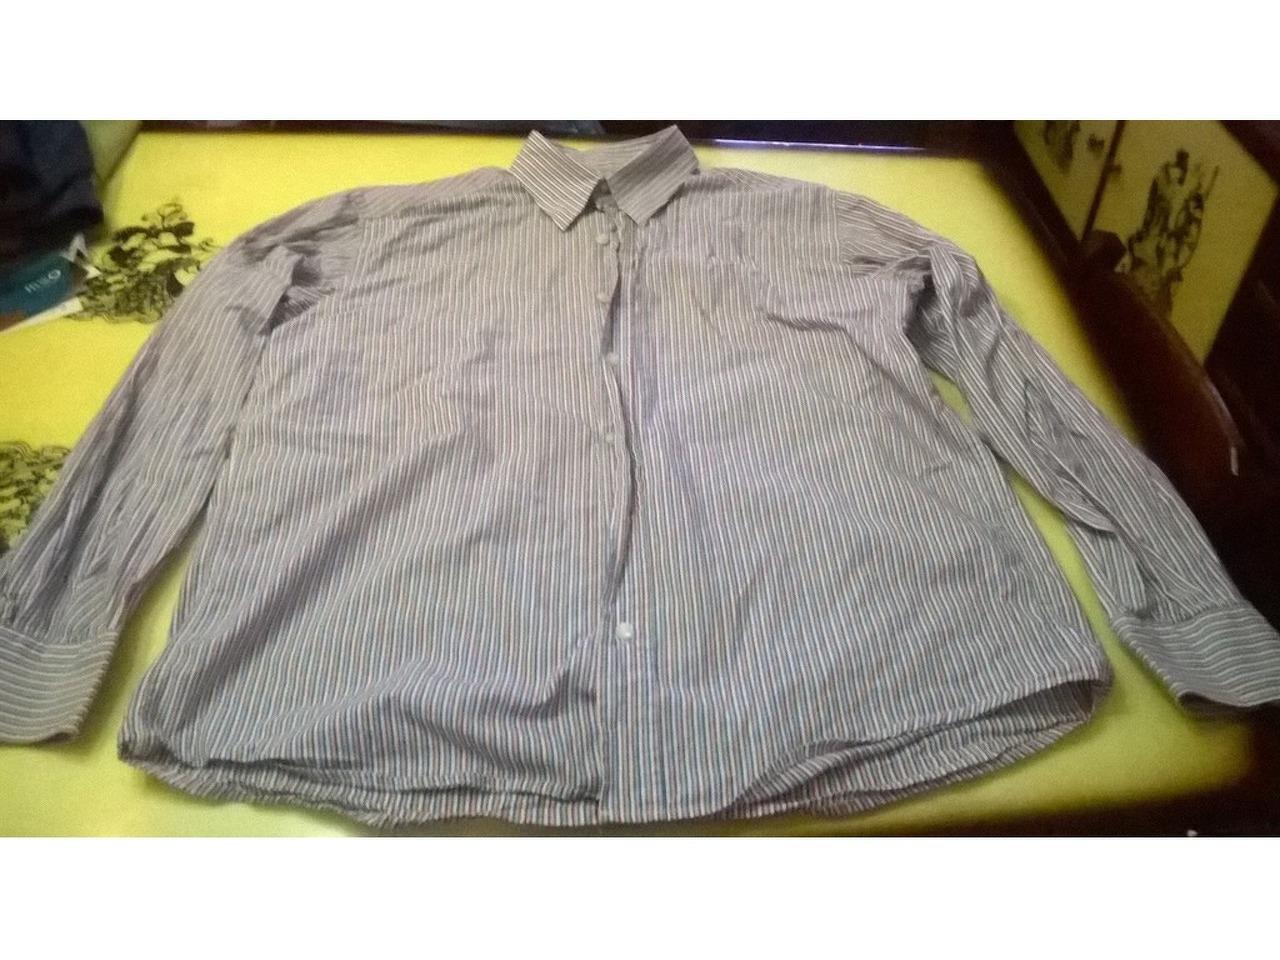 Camisas Califa, Barred's, G.Fellini, A.Milano, etc - 4/7